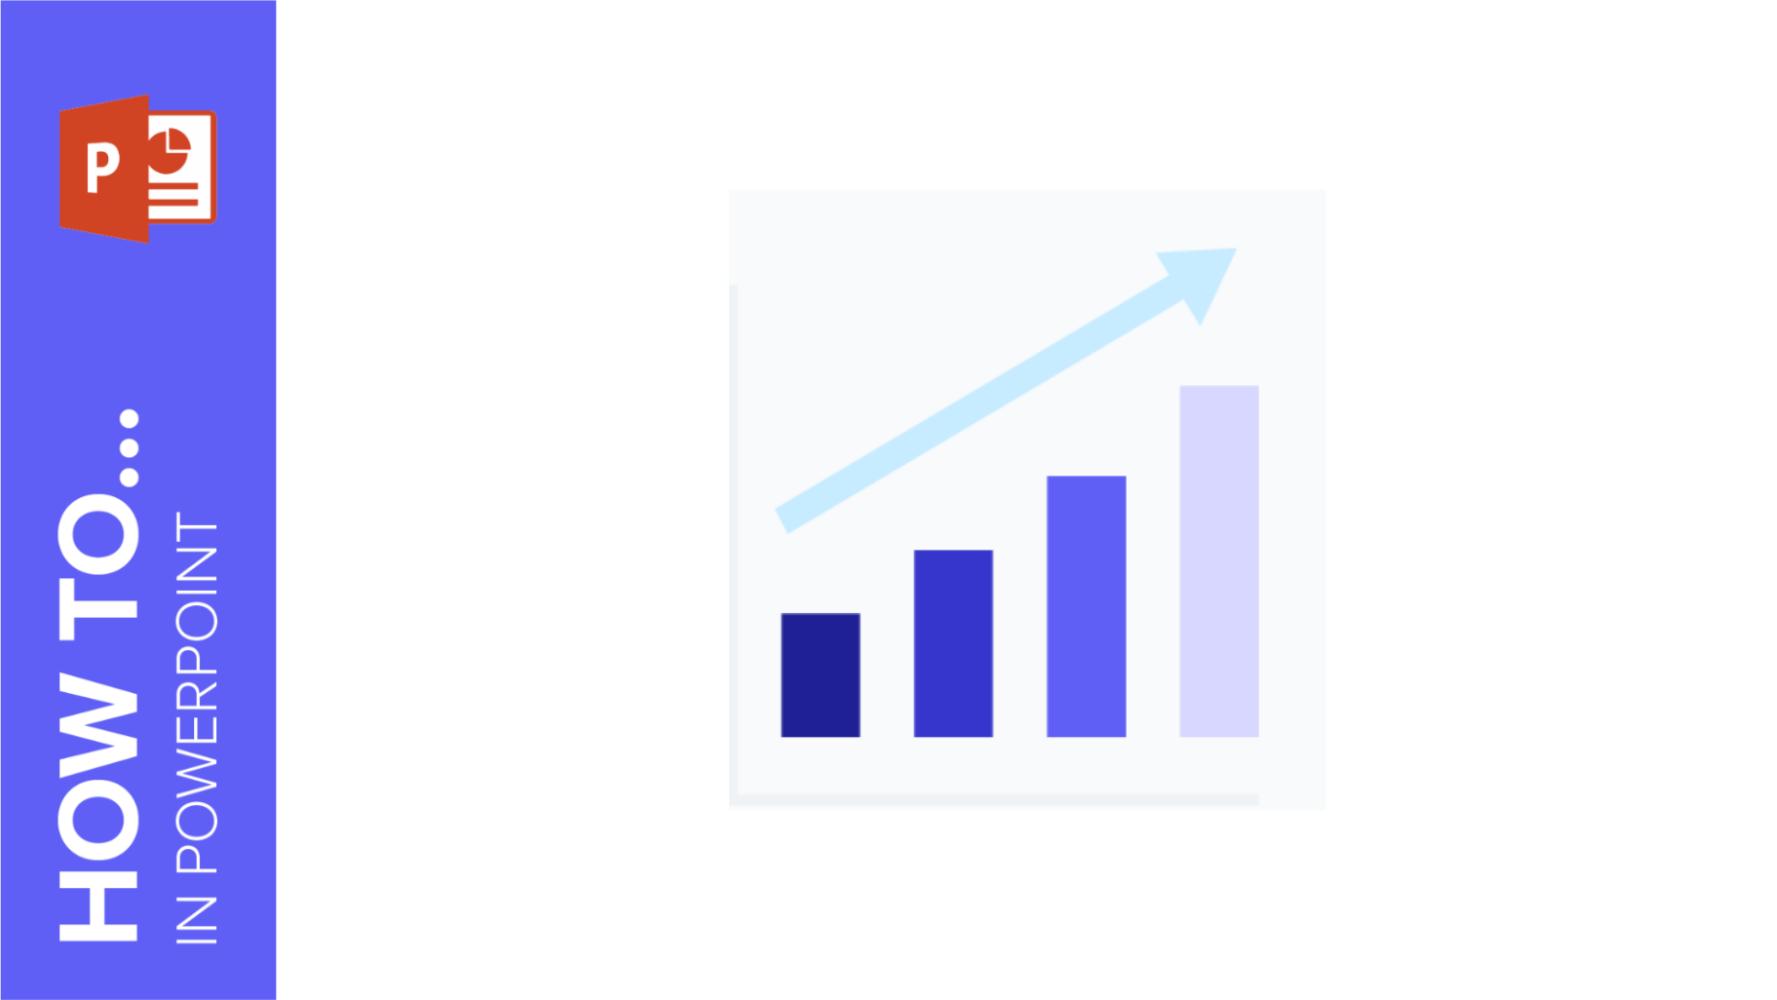 How to Insert Charts in PowerPoint | Schnelle Tipps & Tutorials für deine Präsentationen